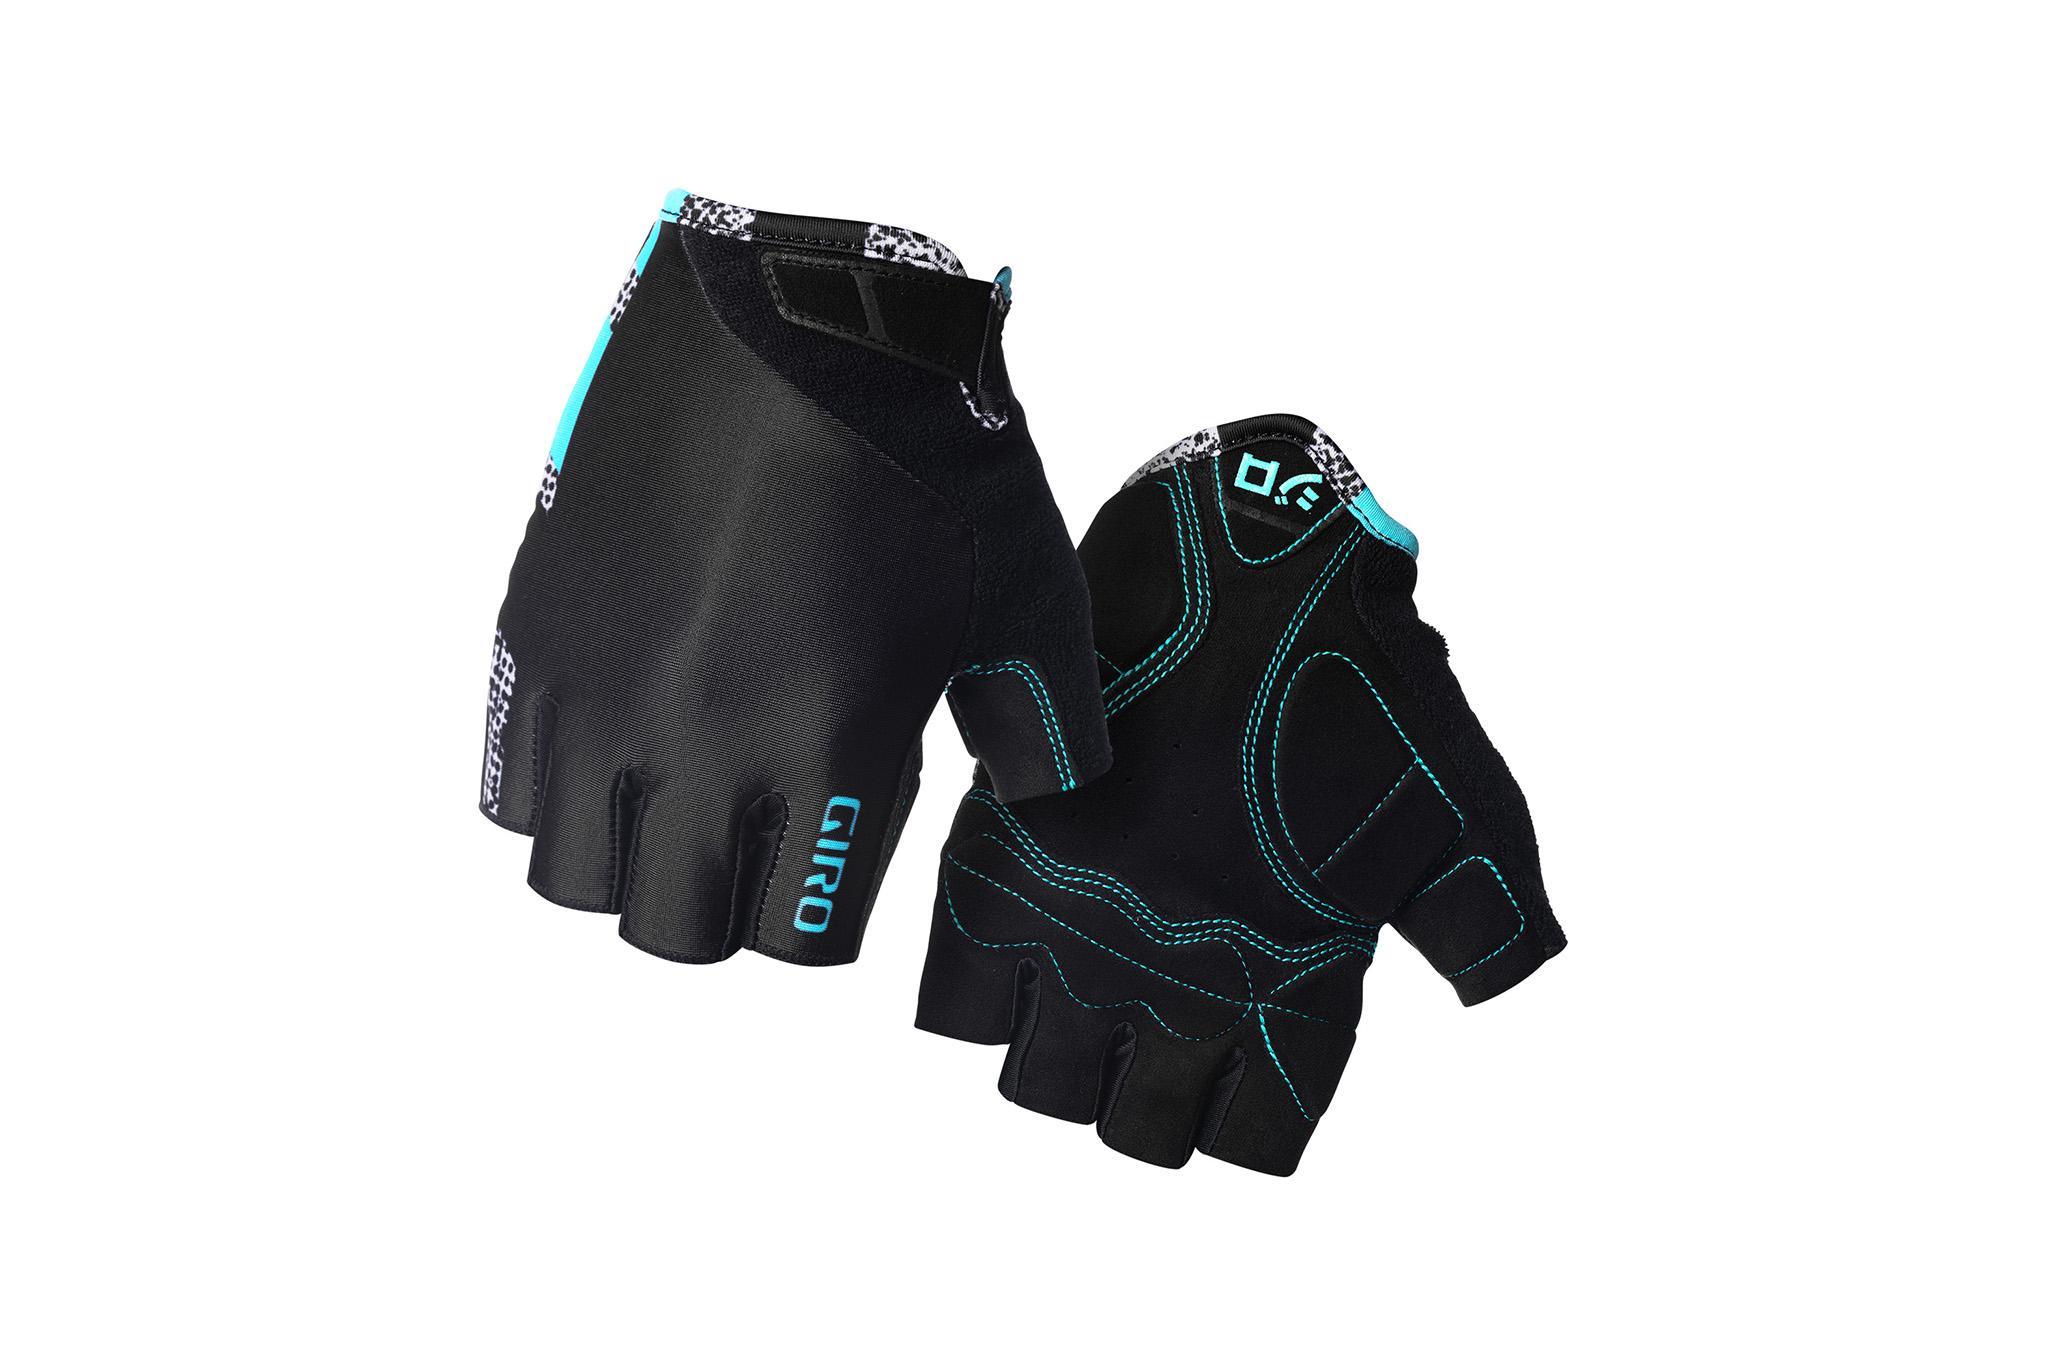 GIRO X YASUDA ถุงมือจักรยานรุ่น JAG